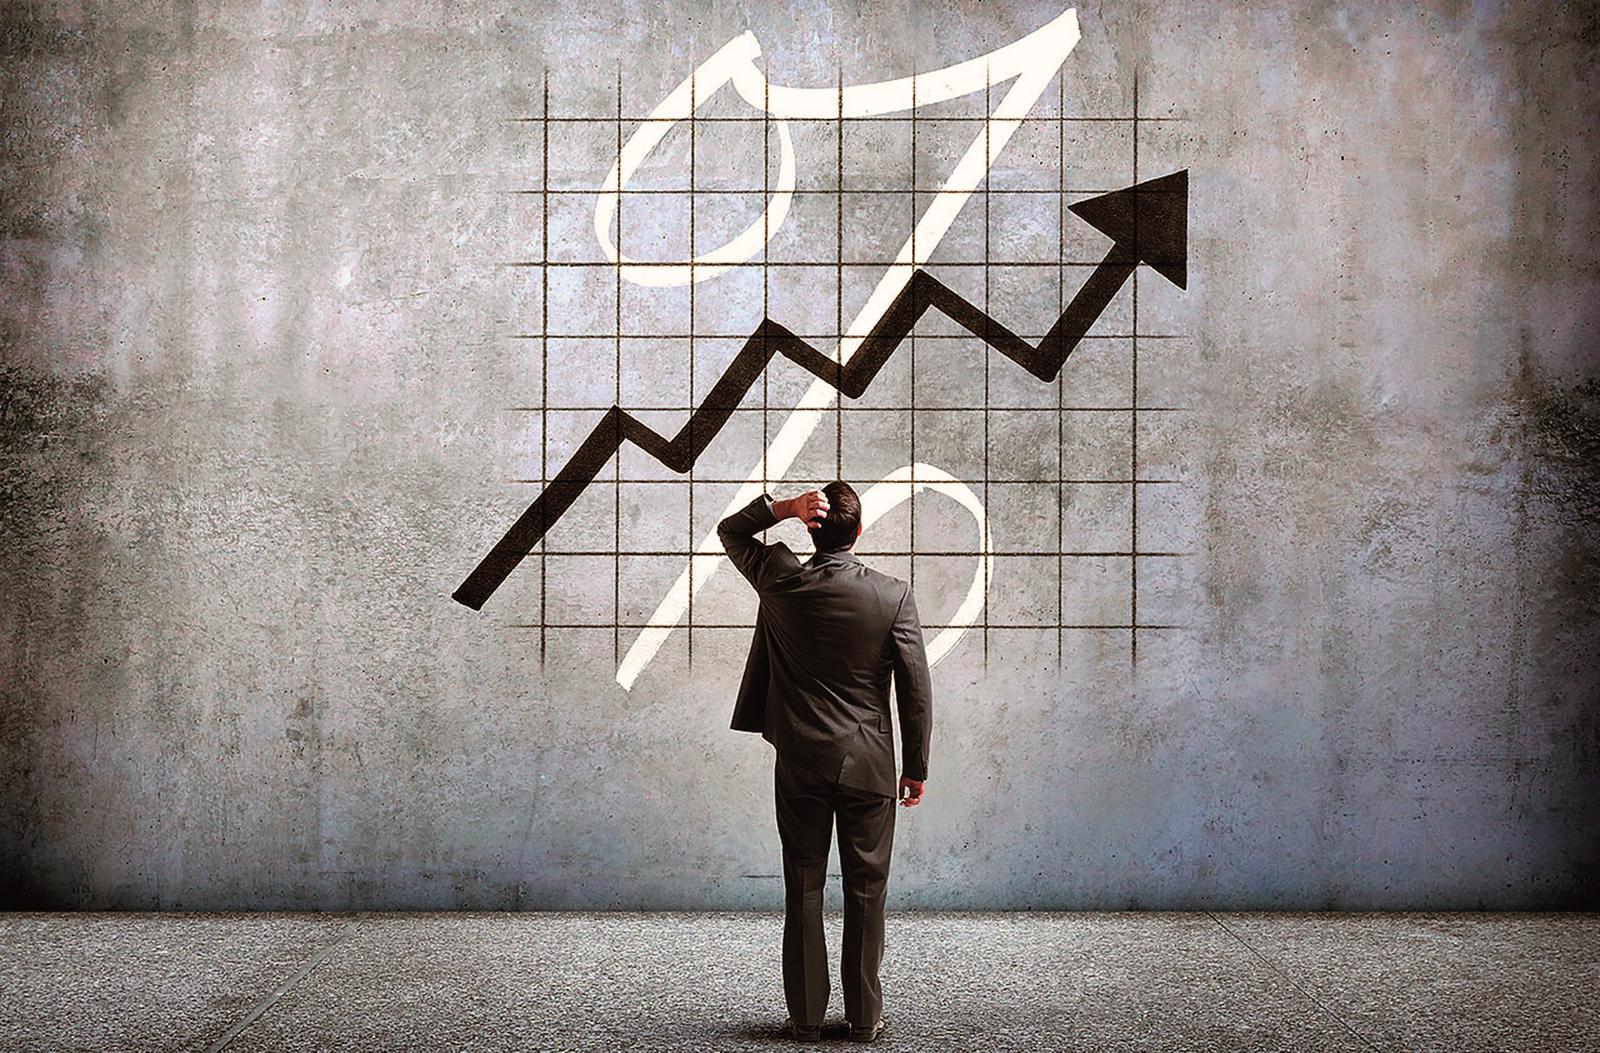 Tạo thế và lực để thị trường chứng khoán phát triển bền vững